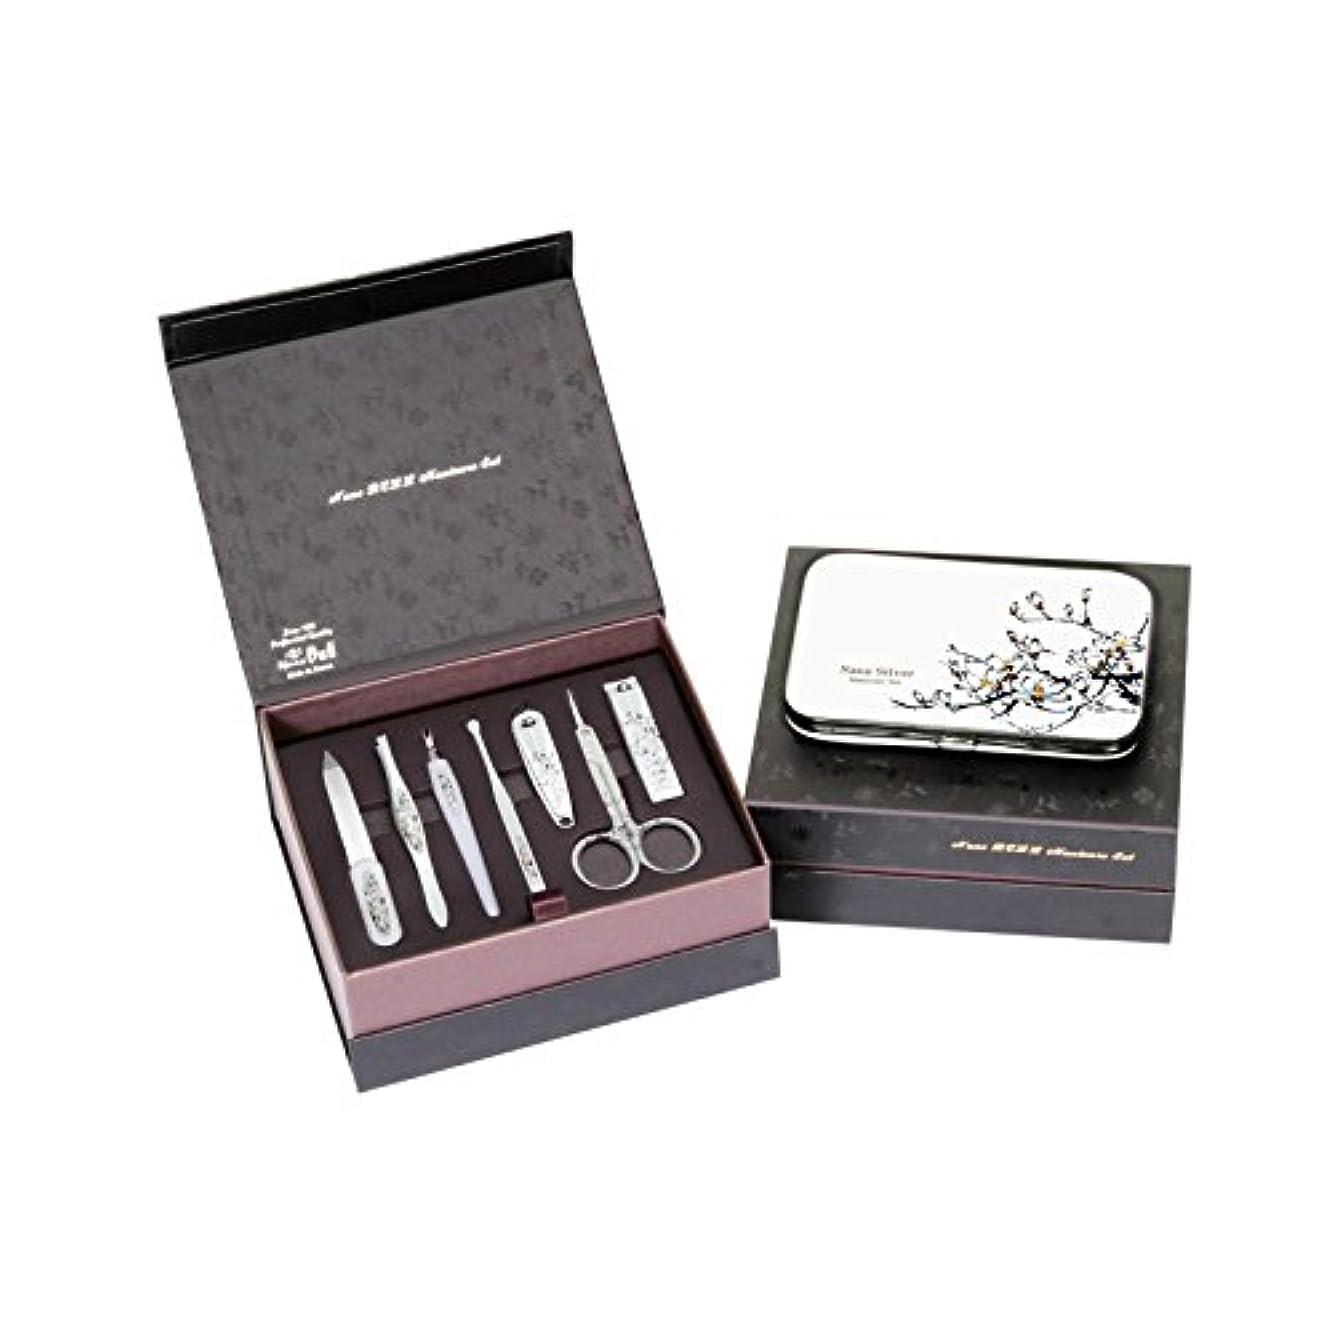 大クロス嵐METAL BELL Manicure Sets BN-8177A ポータブル爪の管理セット爪切りセット 高品質のネイルケアセット高級感のある東洋画のデザイン Portable Nail Clippers Nail Care...